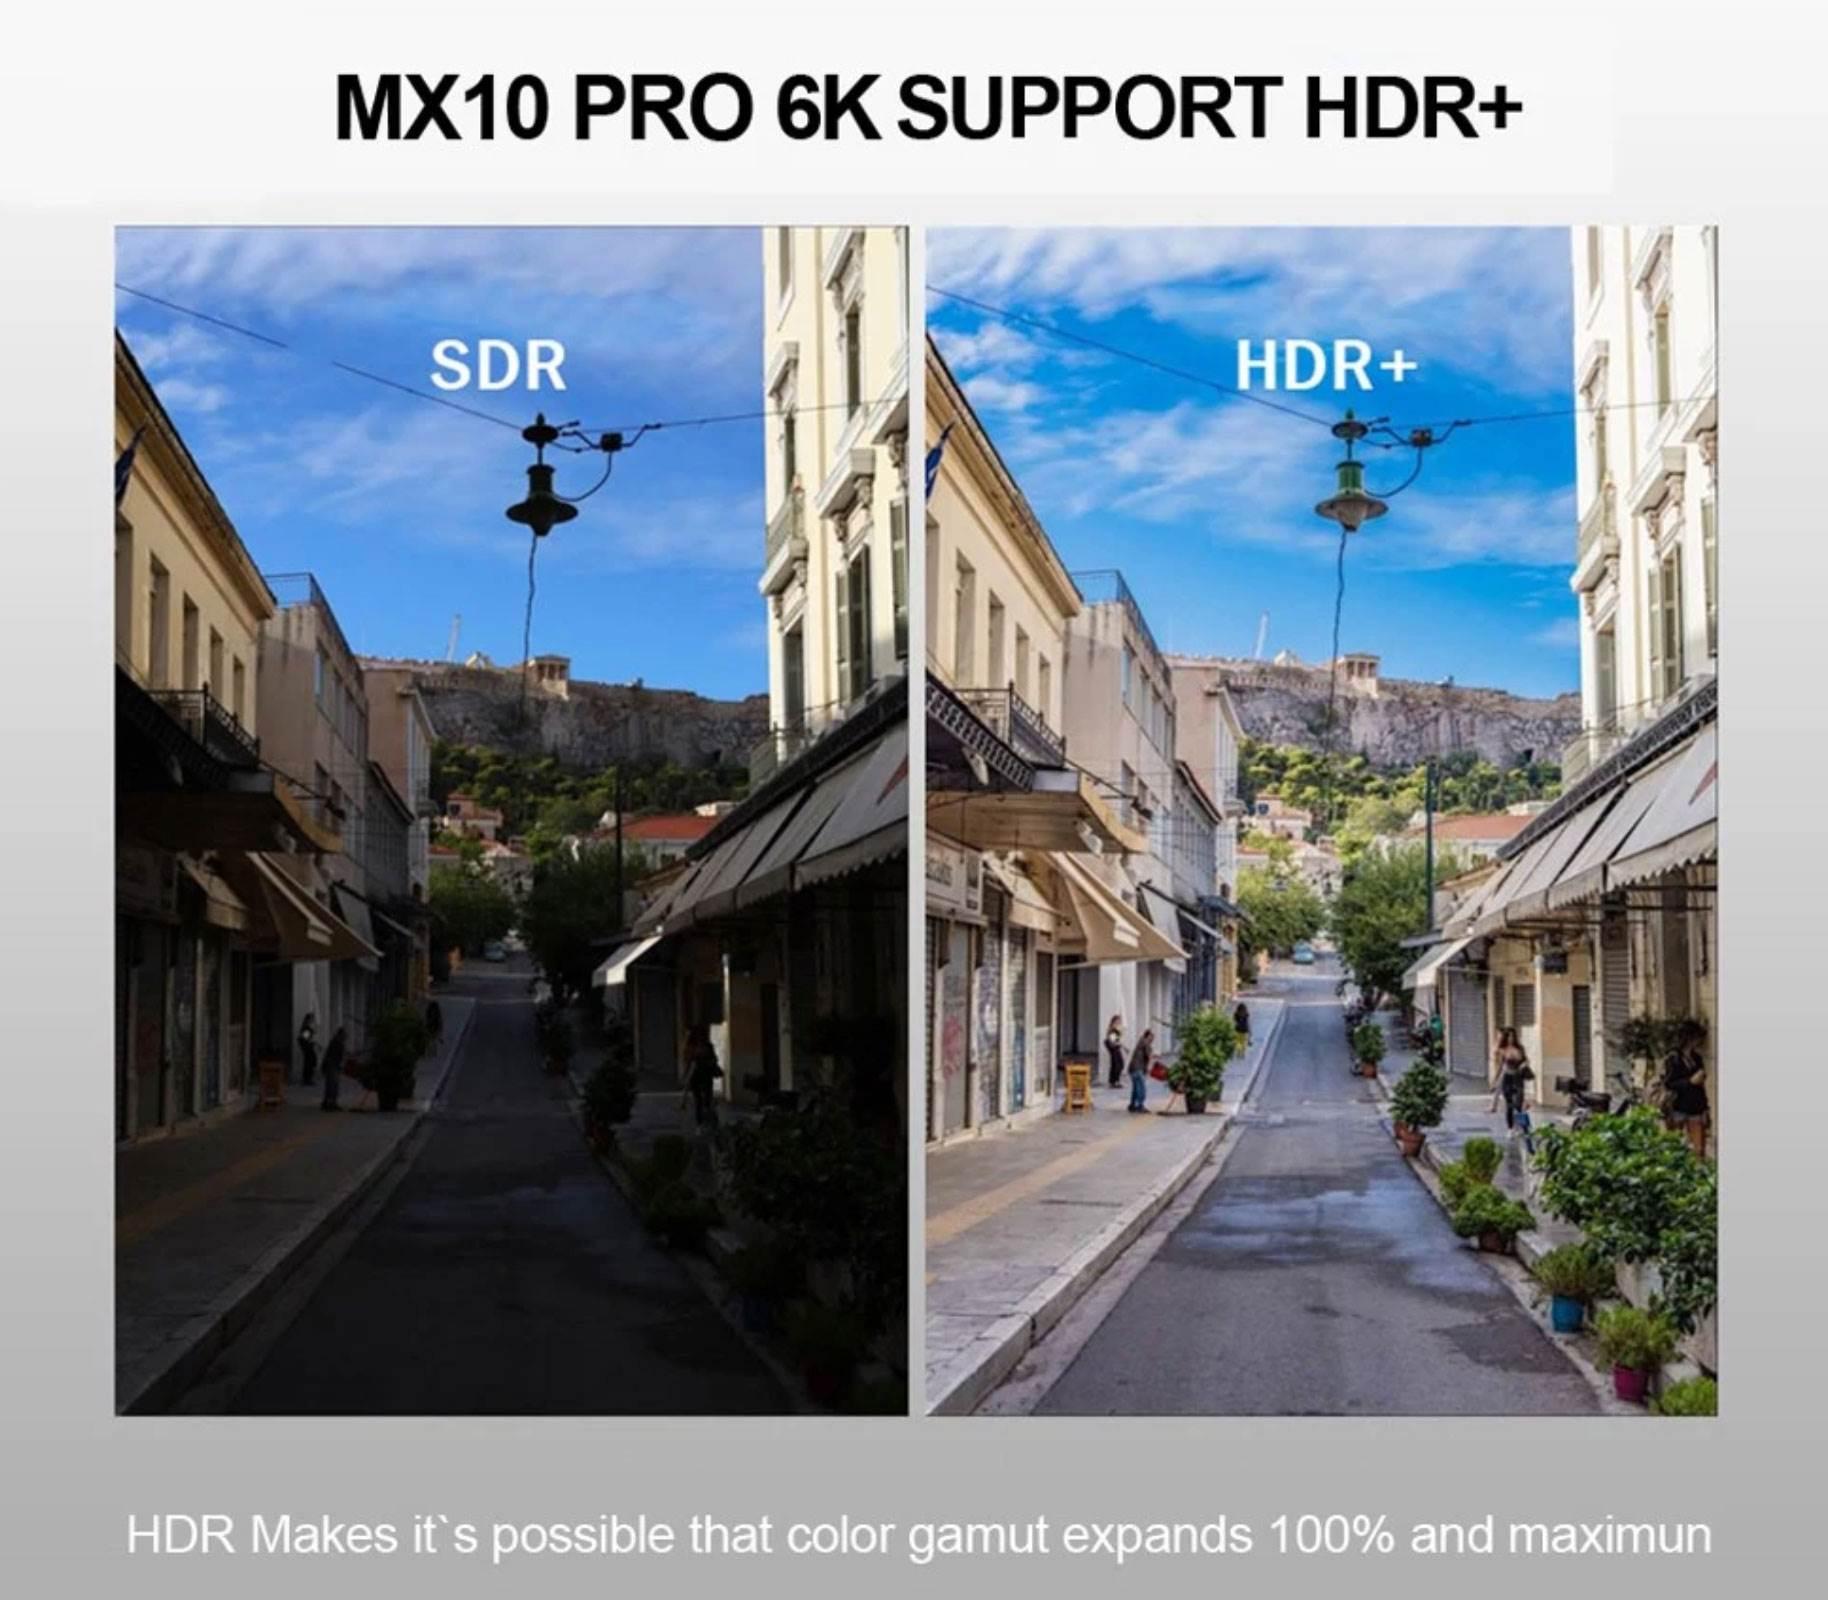 Przystawka telewizyjna MX10 Pro z obsługą 6K HDR dostępna w promocji ciekawostki Promocja, MX10 Pro  Szukacie taniej i dobrej przystawki do Waszego telewizora? Dziś mamy dla Was MX10 Pro, czyli przystawkę z obsługą 6K HDR, która zmieni Wasz tradycyjny telewizor w SmartTV. smart 1